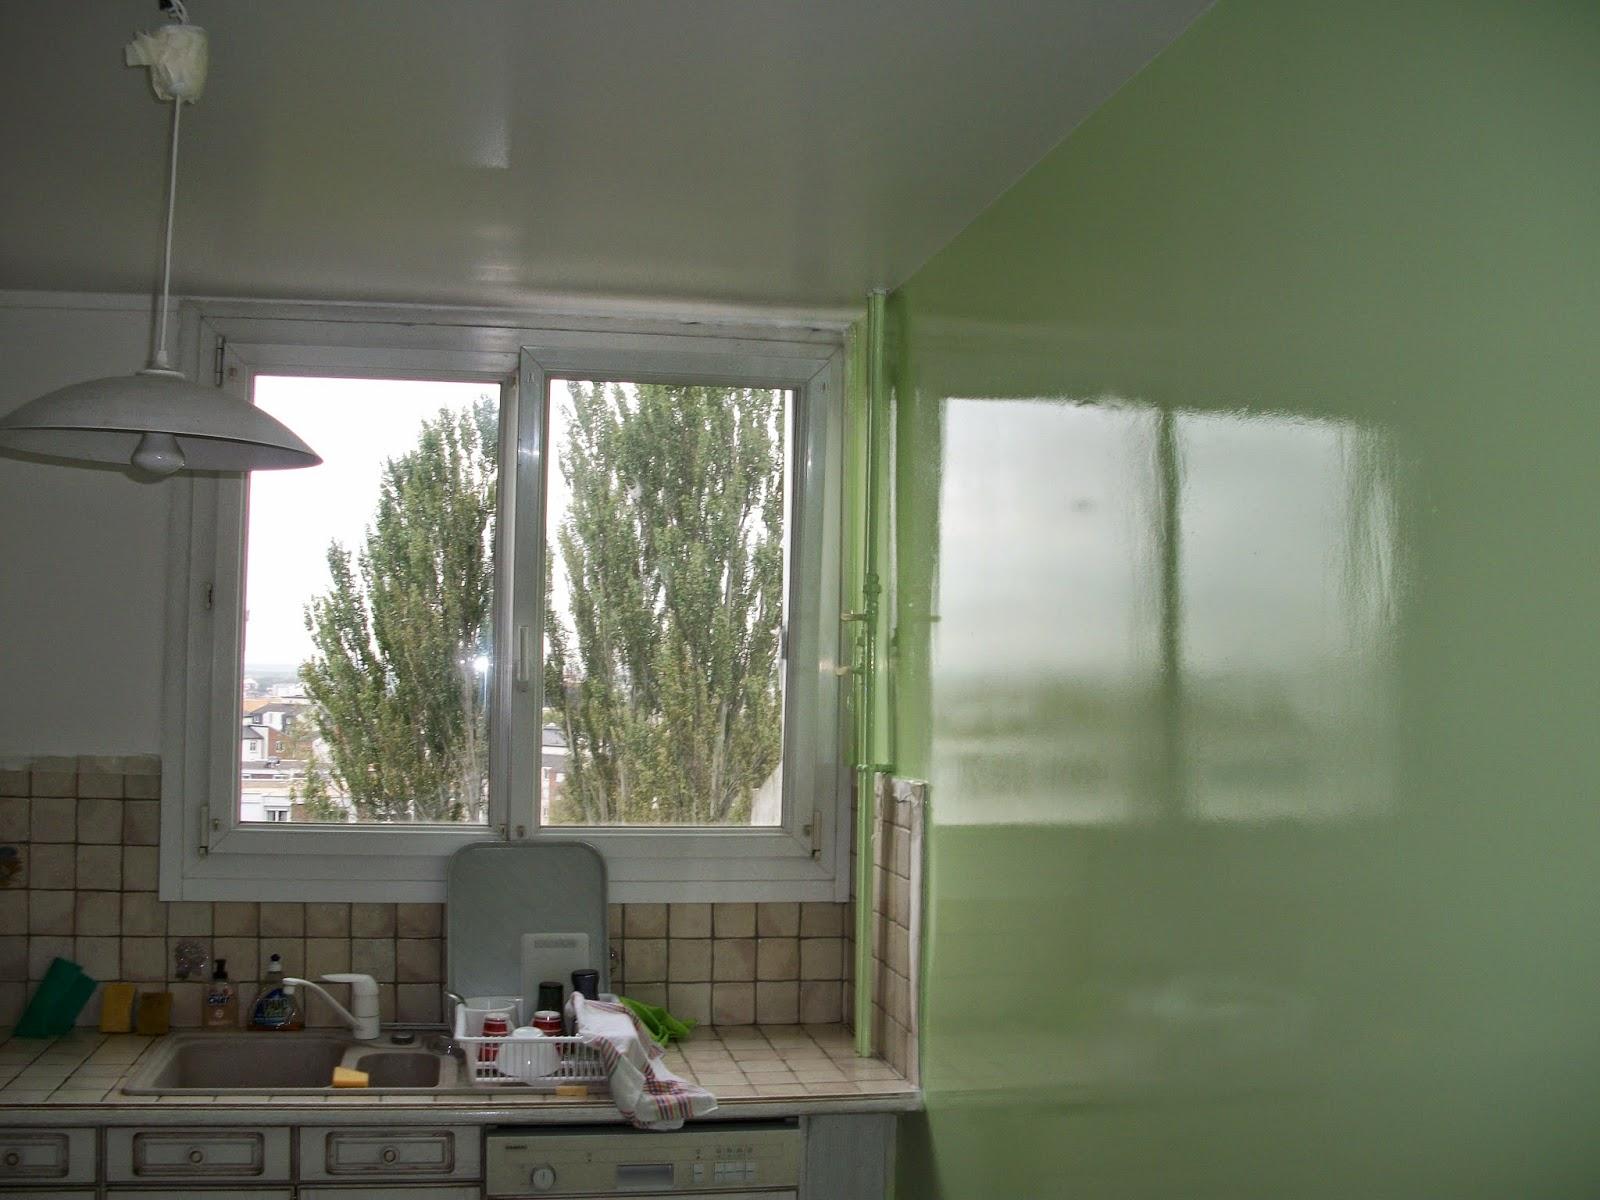 prix d un plombier pour changer un robinet saint etienne. Black Bedroom Furniture Sets. Home Design Ideas